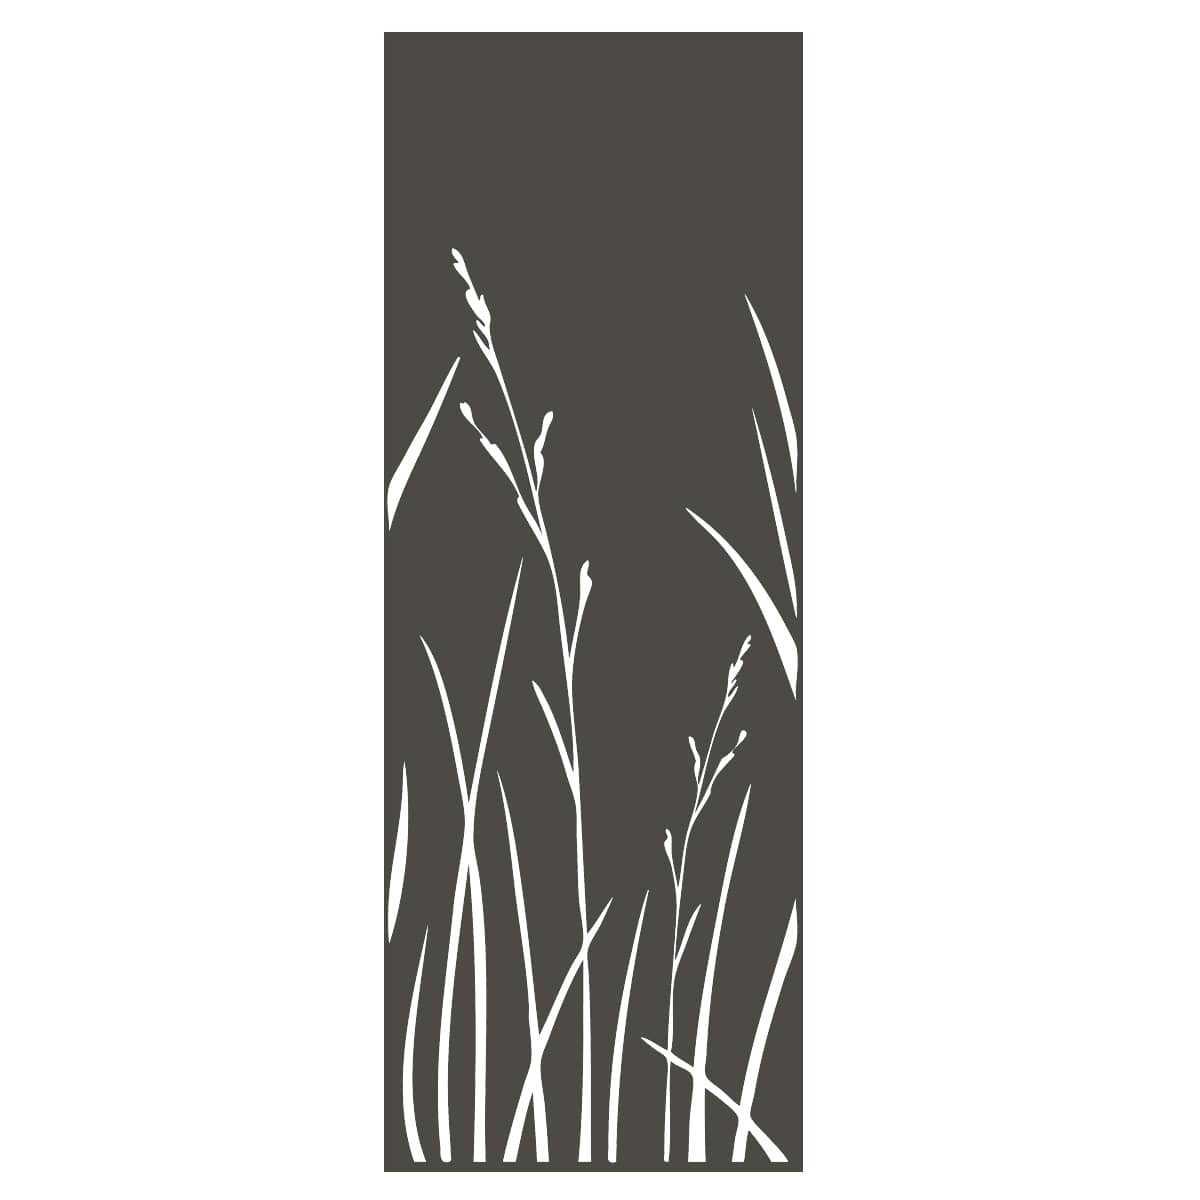 panneau decoratif exterieur en metal h 144cm herbes gris vente au meilleur prix jardins animes